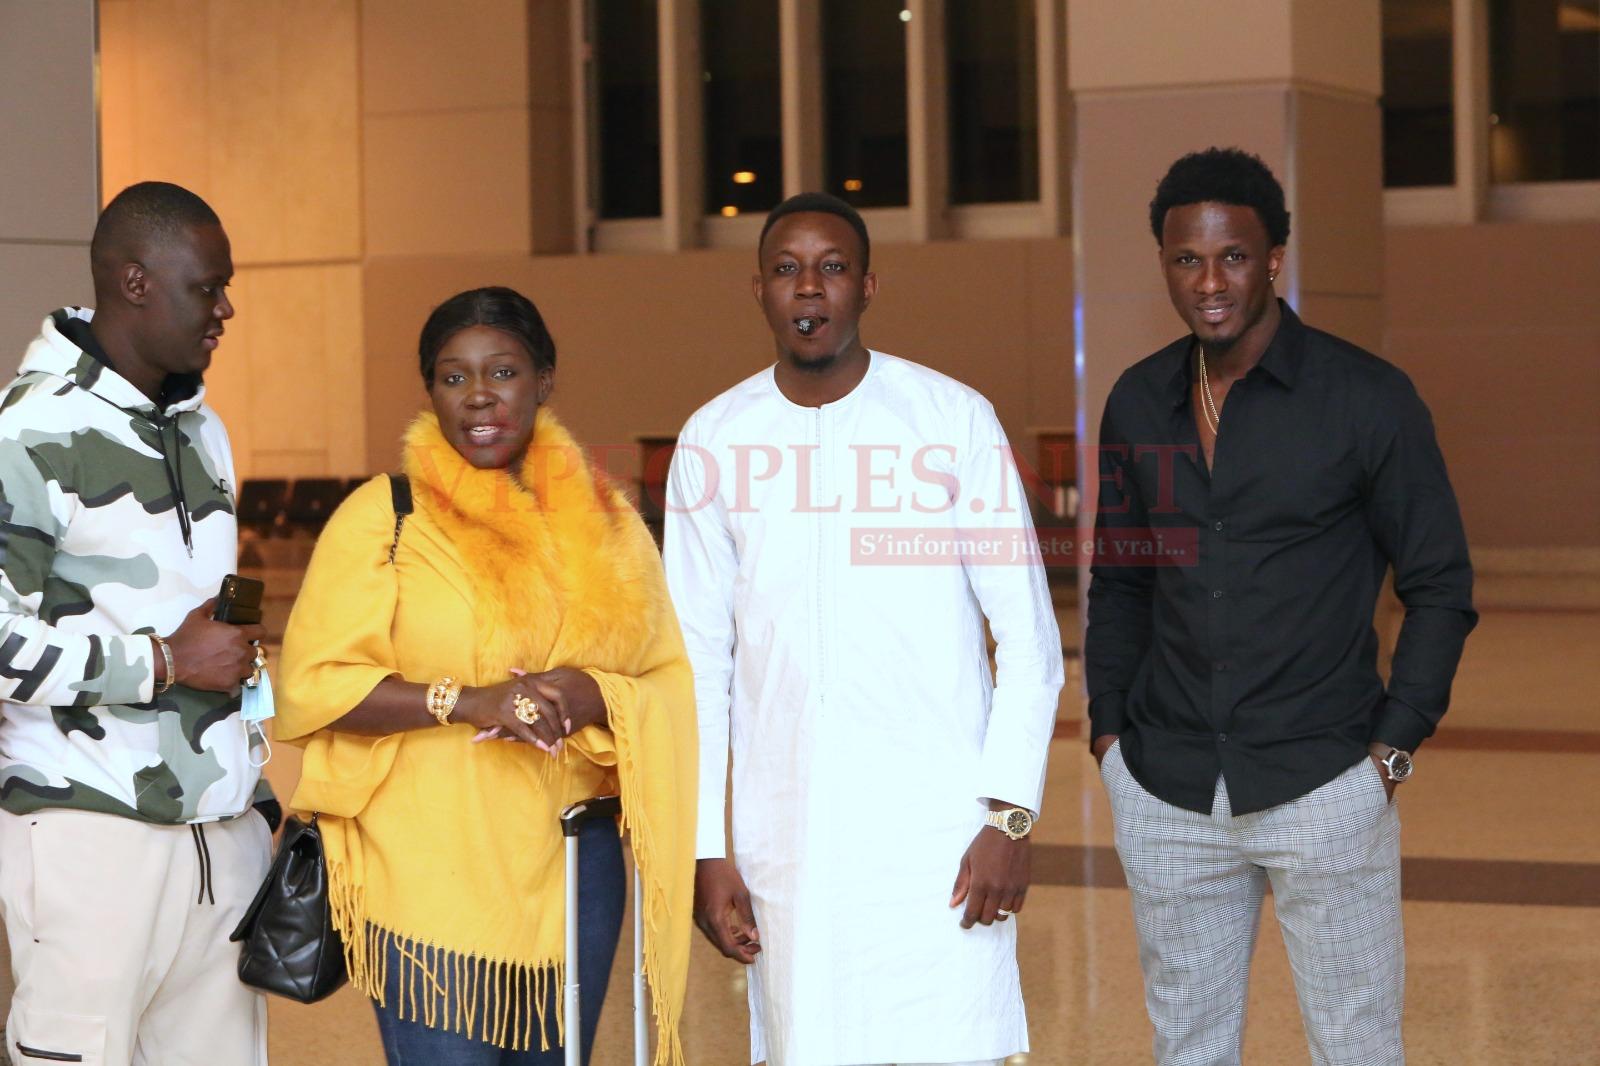 Les premiéres images de Las Vegas fashion, Mo Gate pour accueillir l'artiste Ndiollé Tall et le photographe Gomis à l'aéroport.